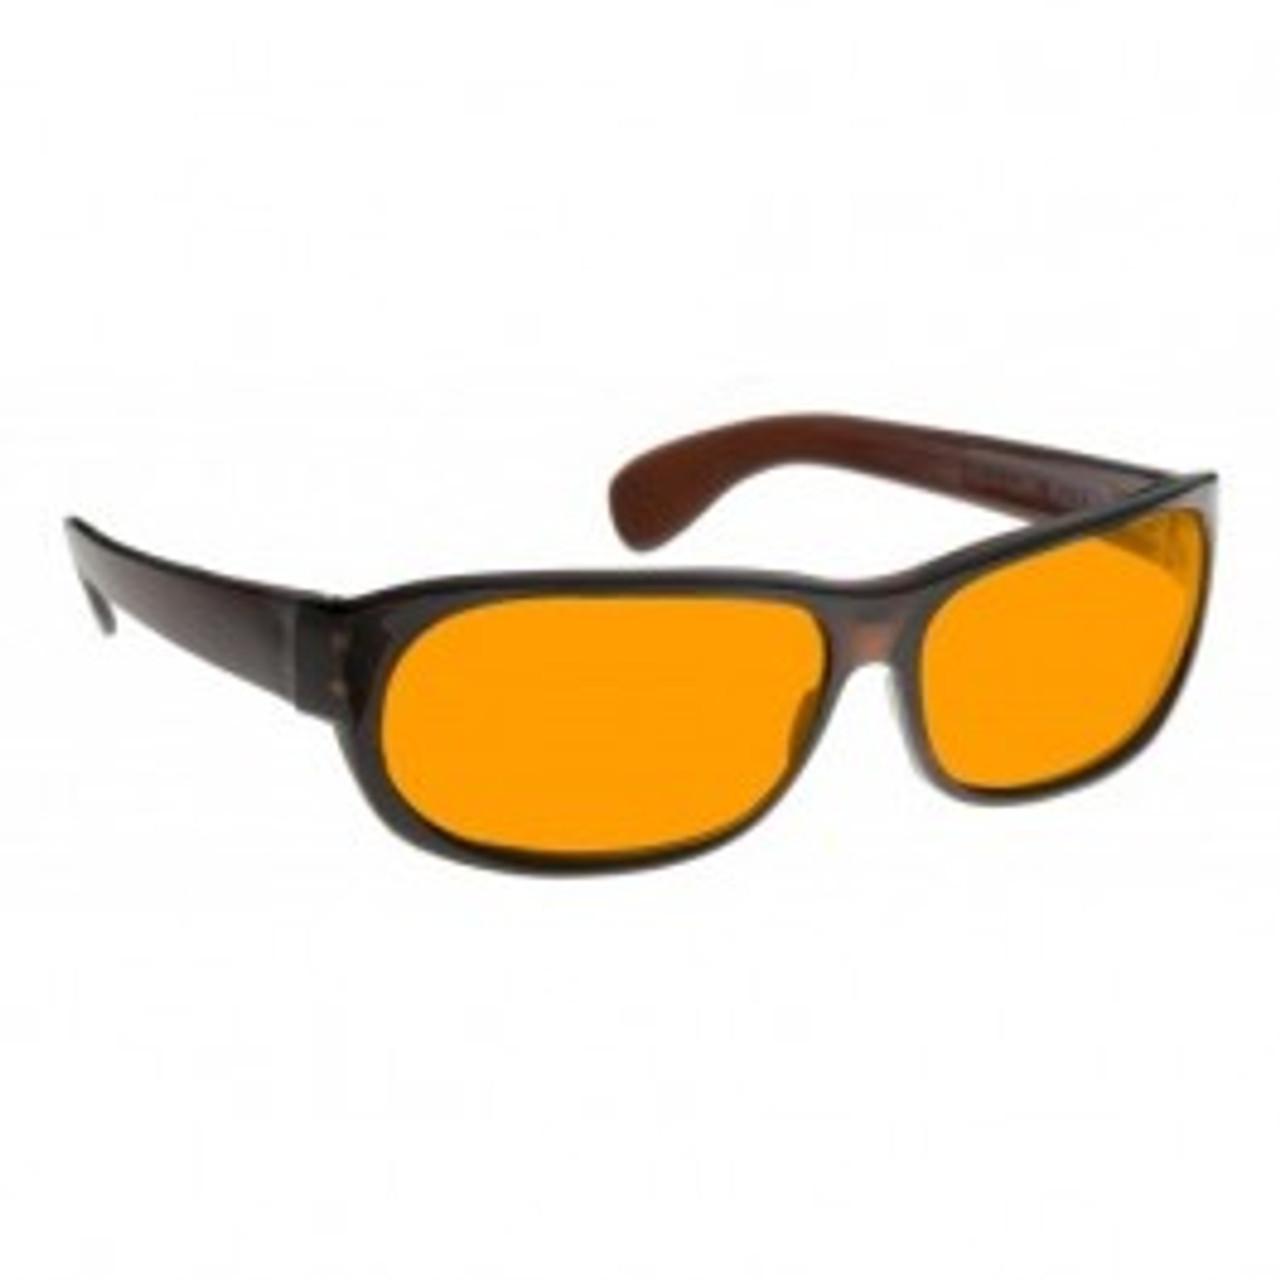 NoIR 64% Light Orange Retro Wrap Around  Non-Fitover #268